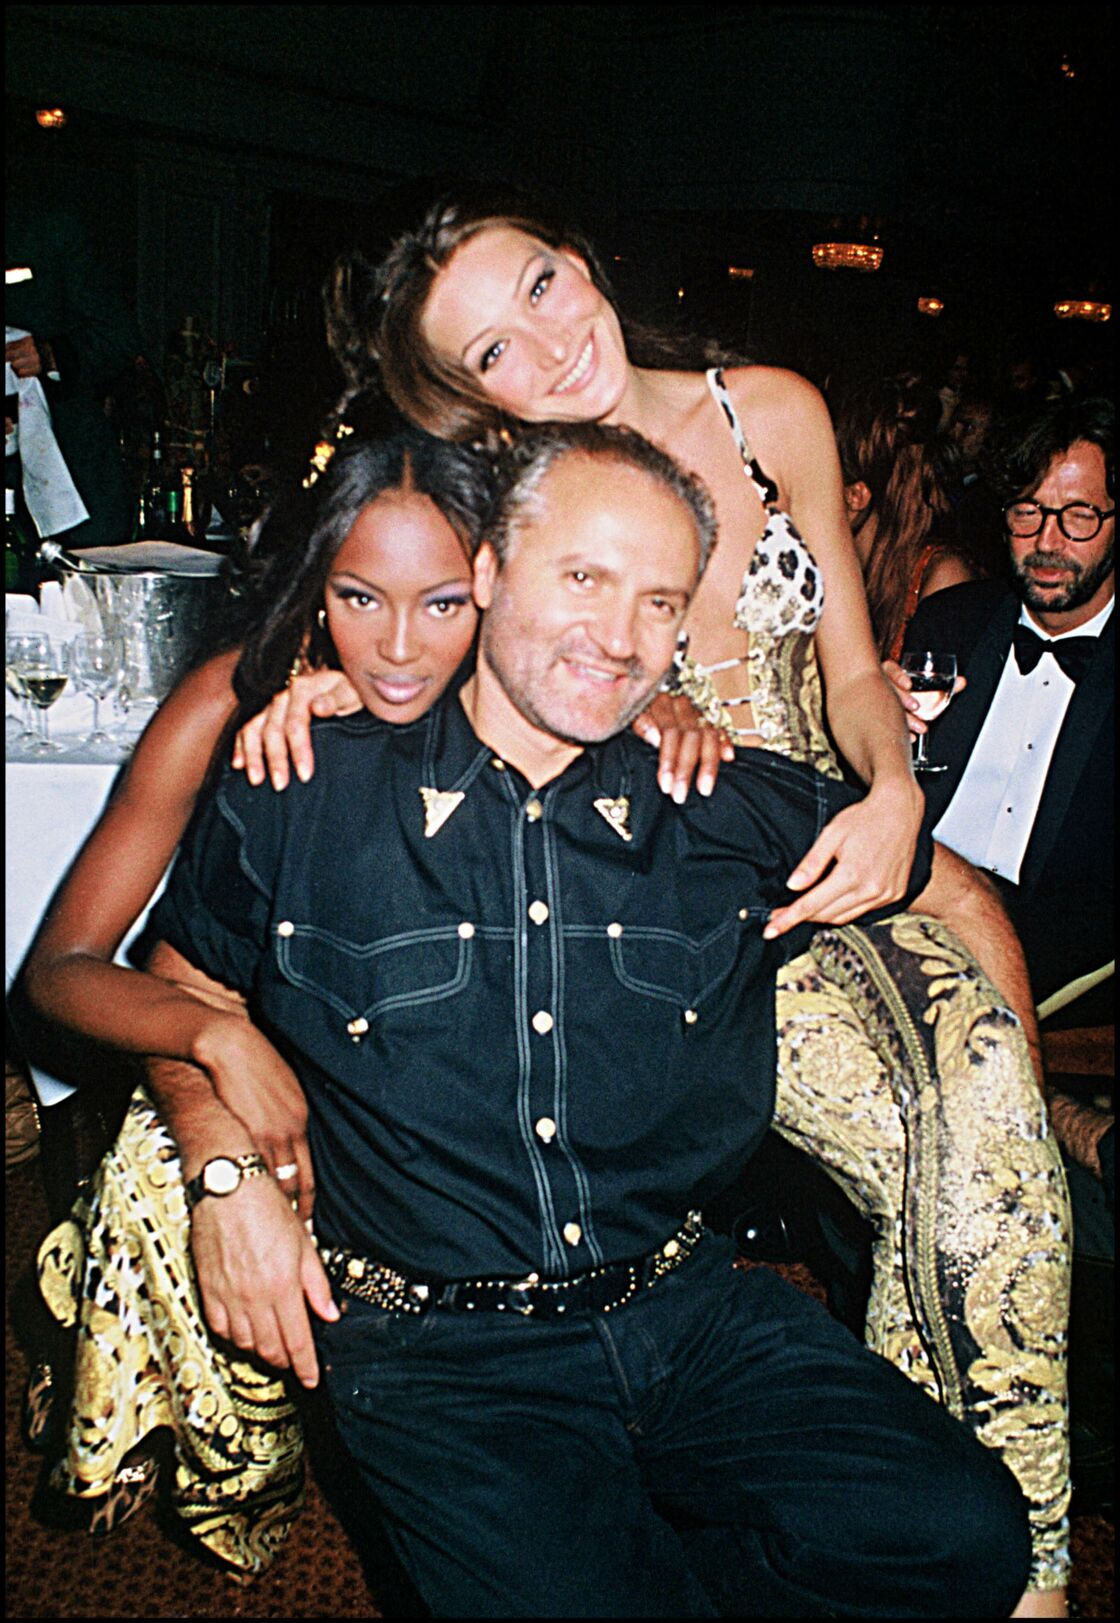 Naomi Campbell, Carla Bruni et le créateur assassiné le 15 juillet 1997 Gianni Versace